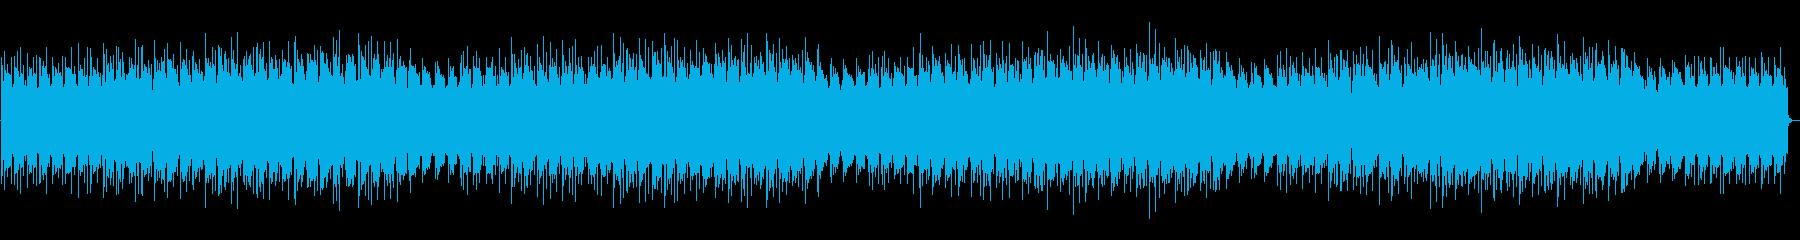 疾走するシリアスピアノとエレピの曲の再生済みの波形